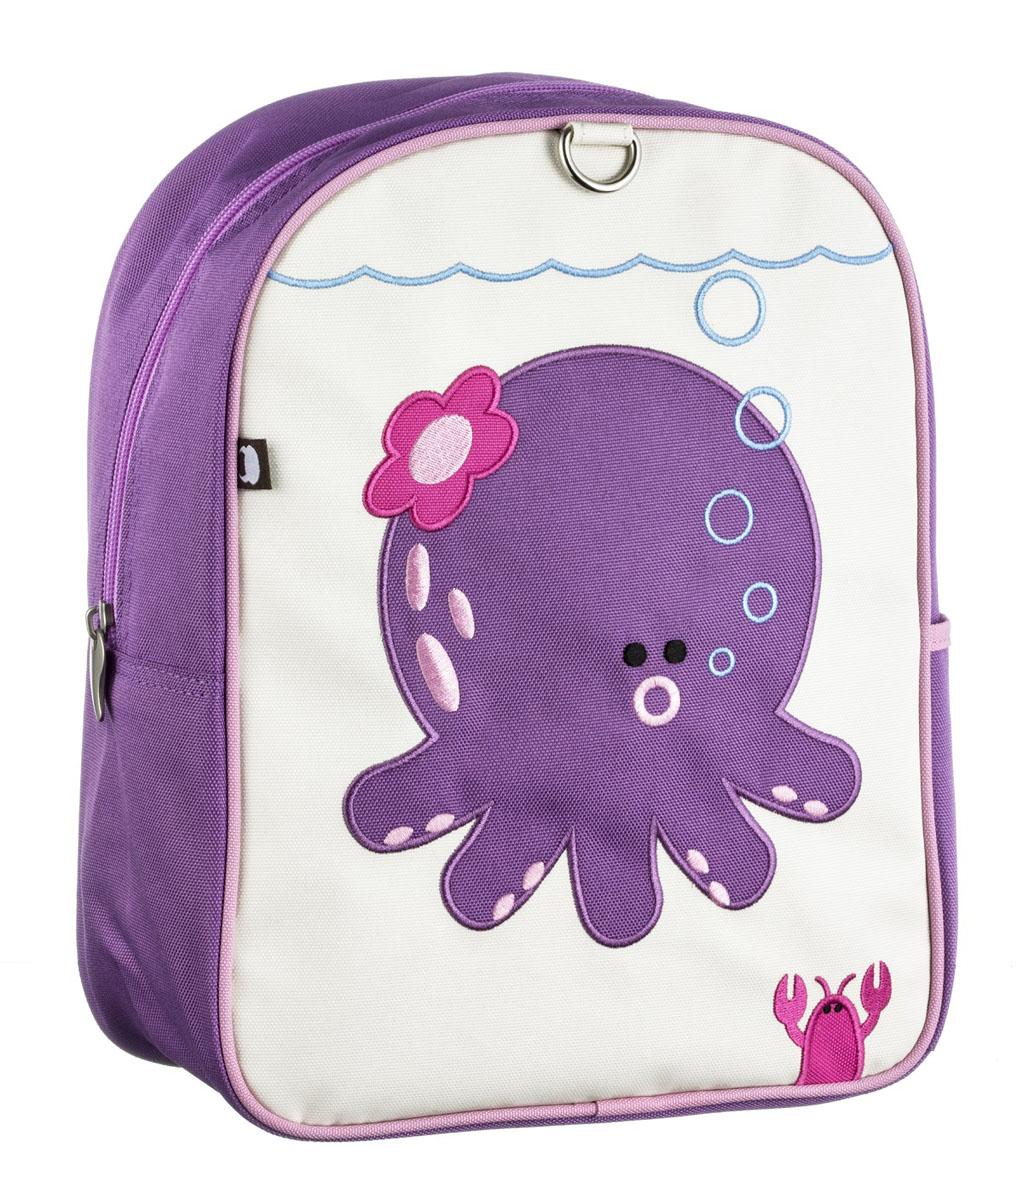 Рюкзак детский Beatrix Little Kid Penelope-Octopus, цвет: розовый, молочный, фиолетовыйSK-7380D-22Рюкзак Beatrix Penelope-Octopus обязательно привлечет внимание вашего ребенка.Выполнен из прочного и высококачественного материала и оформлен вышитой аппликацией с изображением забавного осьминога. Рюкзак состоит из вместительного отделения, закрывающегося на застежку-молнию. Бегунок застежки дополнен металлическим держателем. Внутри отделения находится врезной карман на застежке-молнии. На задней стенке рюкзака имеется нашивка, на которой можно указать данные владельца. Рюкзак с боку имеет один накладной внешний кармана на липучке. Мягкие широкие лямки позволяют легко и быстро отрегулировать рюкзак в соответствии с ростом. Рюкзак оснащен удобной текстильной ручкой для переноски в руке. Идеально подходит для хранения важных и необходимых вещей, которые так необходимы маленькому герою на детской площадке, во время прогулки или на пикнике.